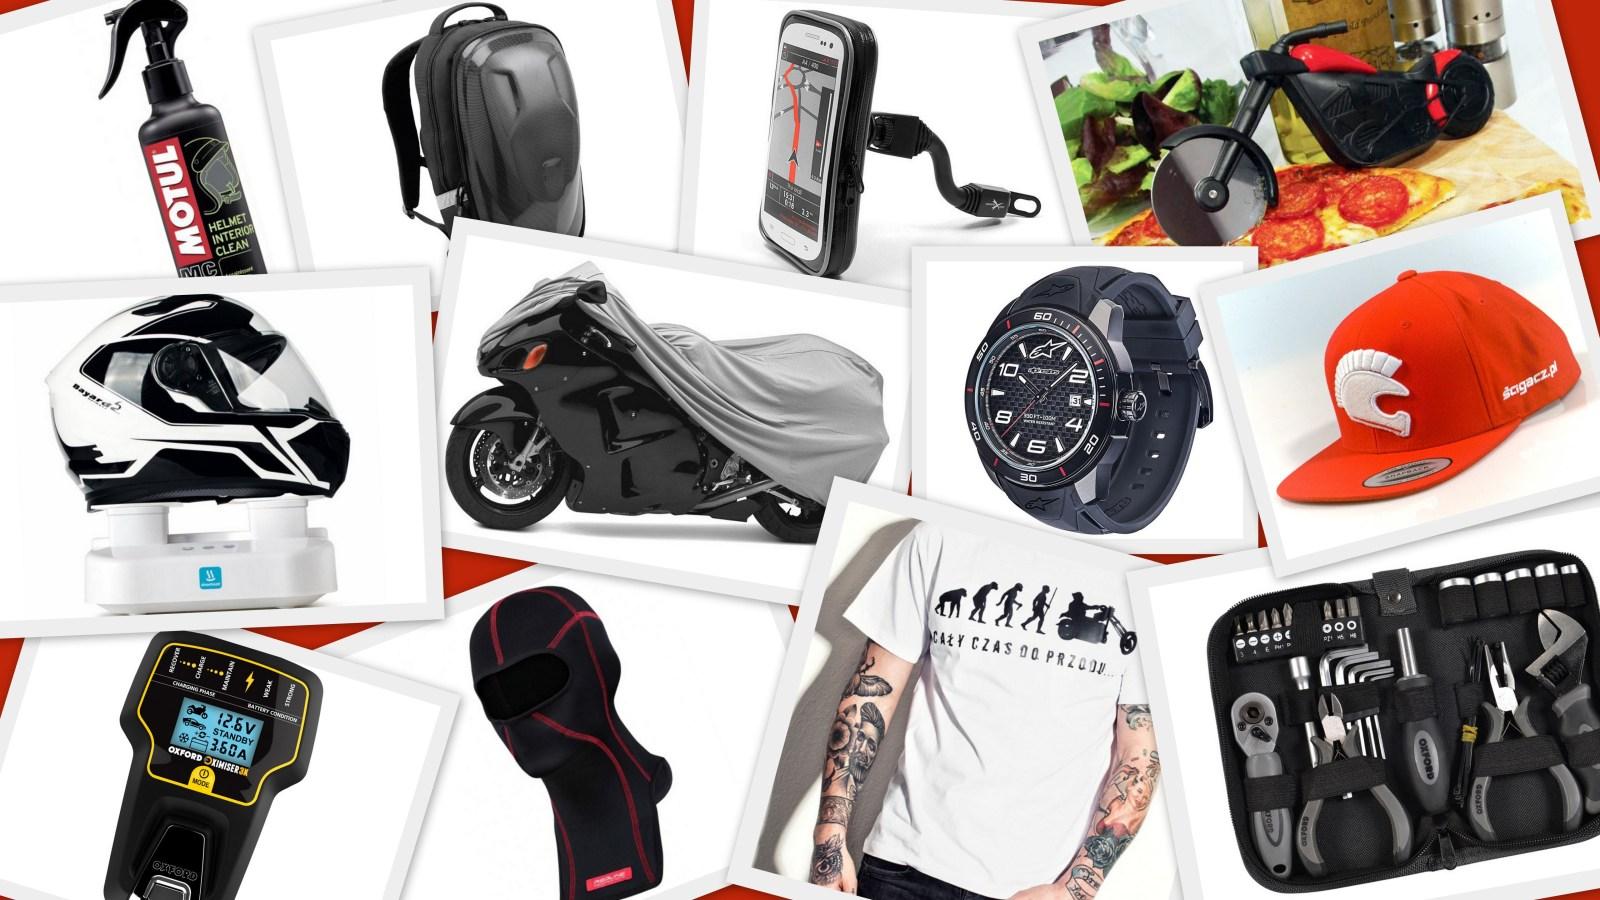 Jaki Prezent Dla Motocyklisty 16 Pomyslow Na Kazda Kieszen